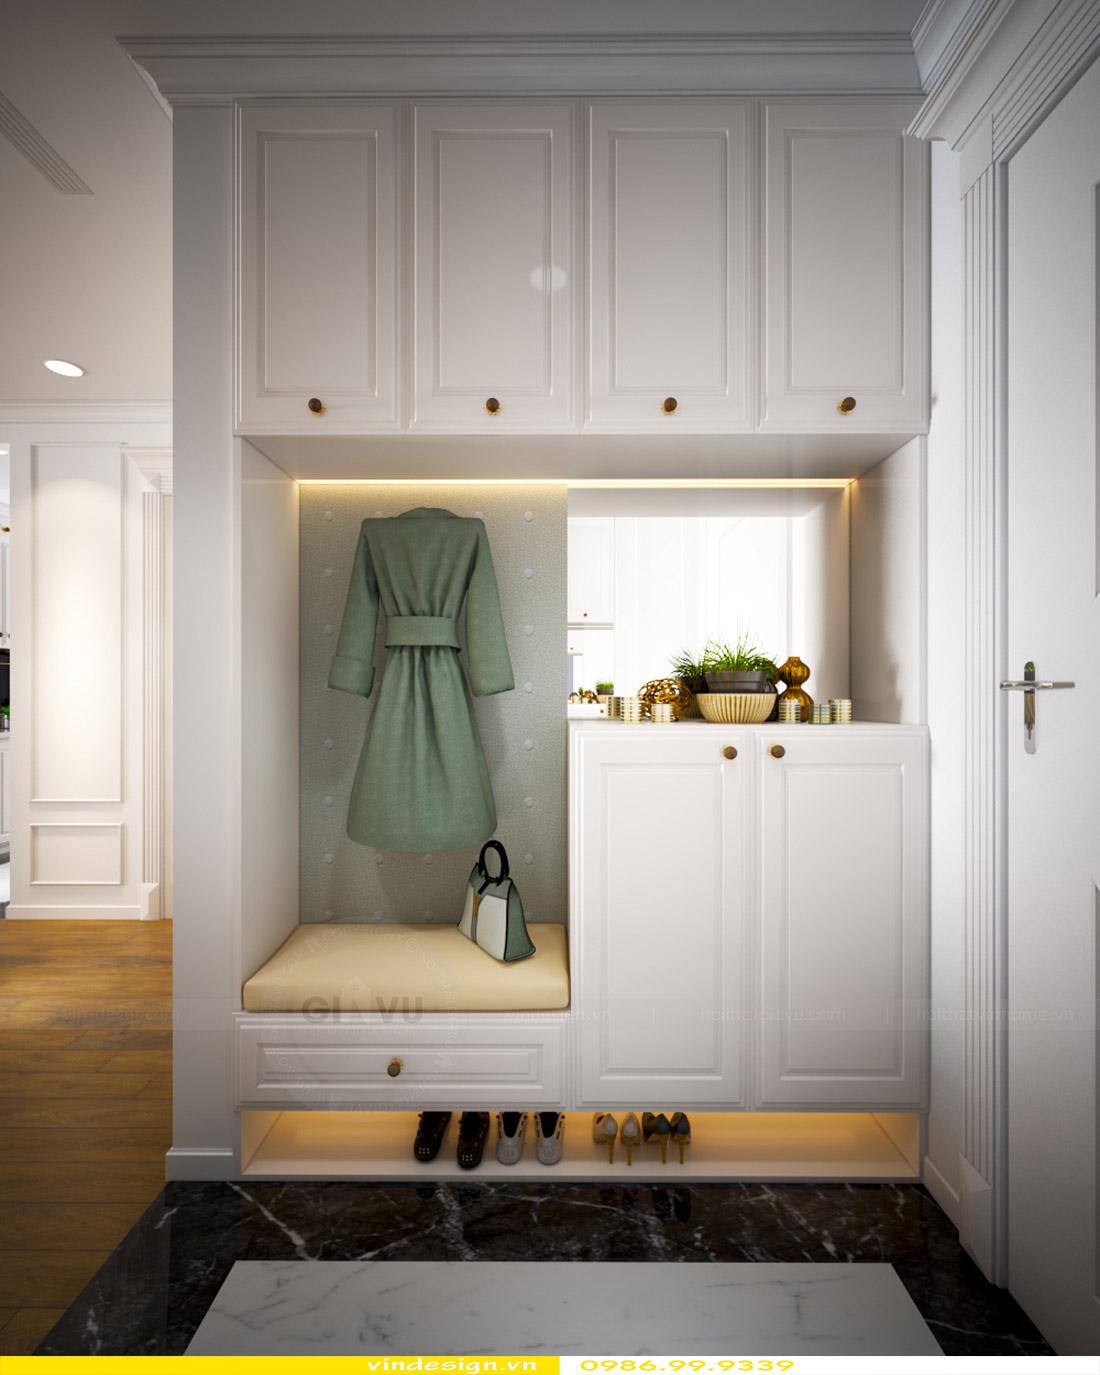 Thiết kế nội thất căn hộ Green Bay view 4